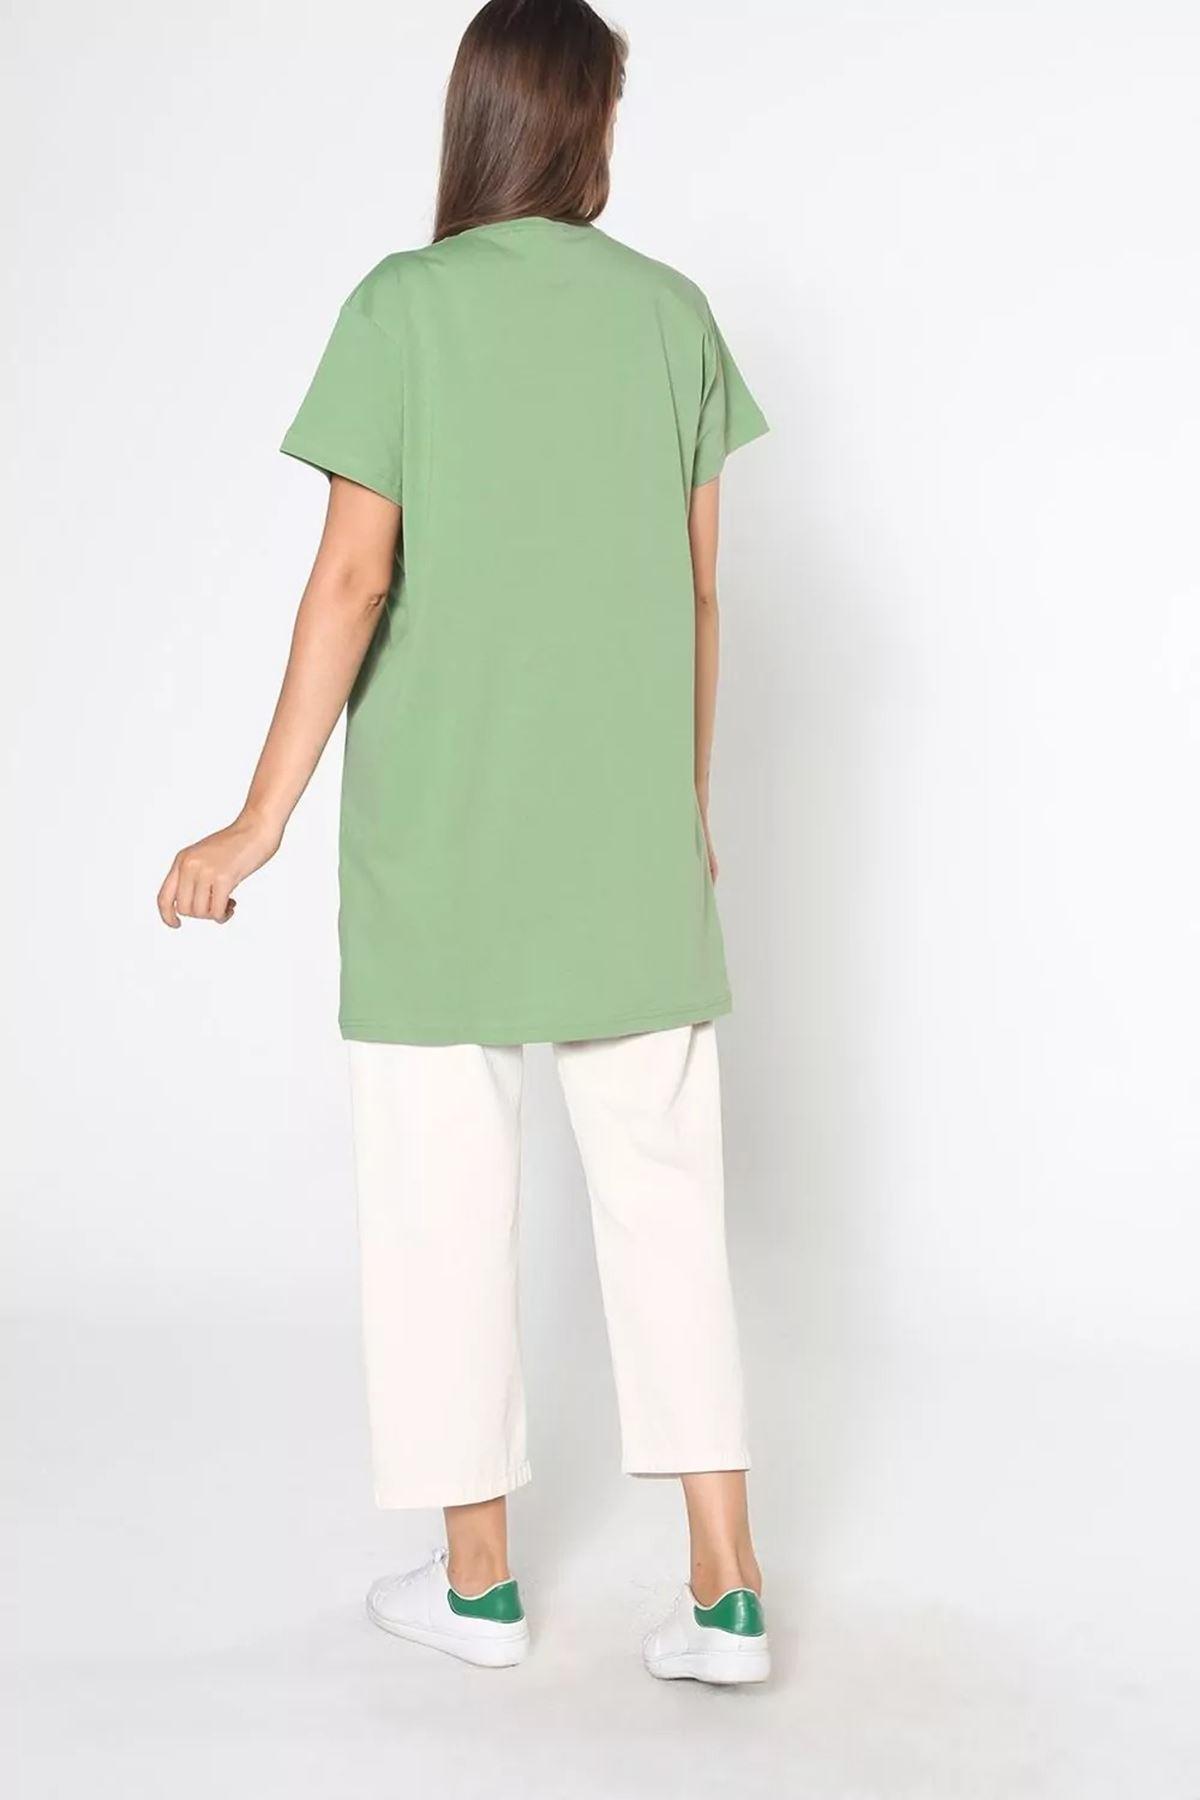 Kadın Baskılı Uzun T-Shirt - Fıstık Yeşili